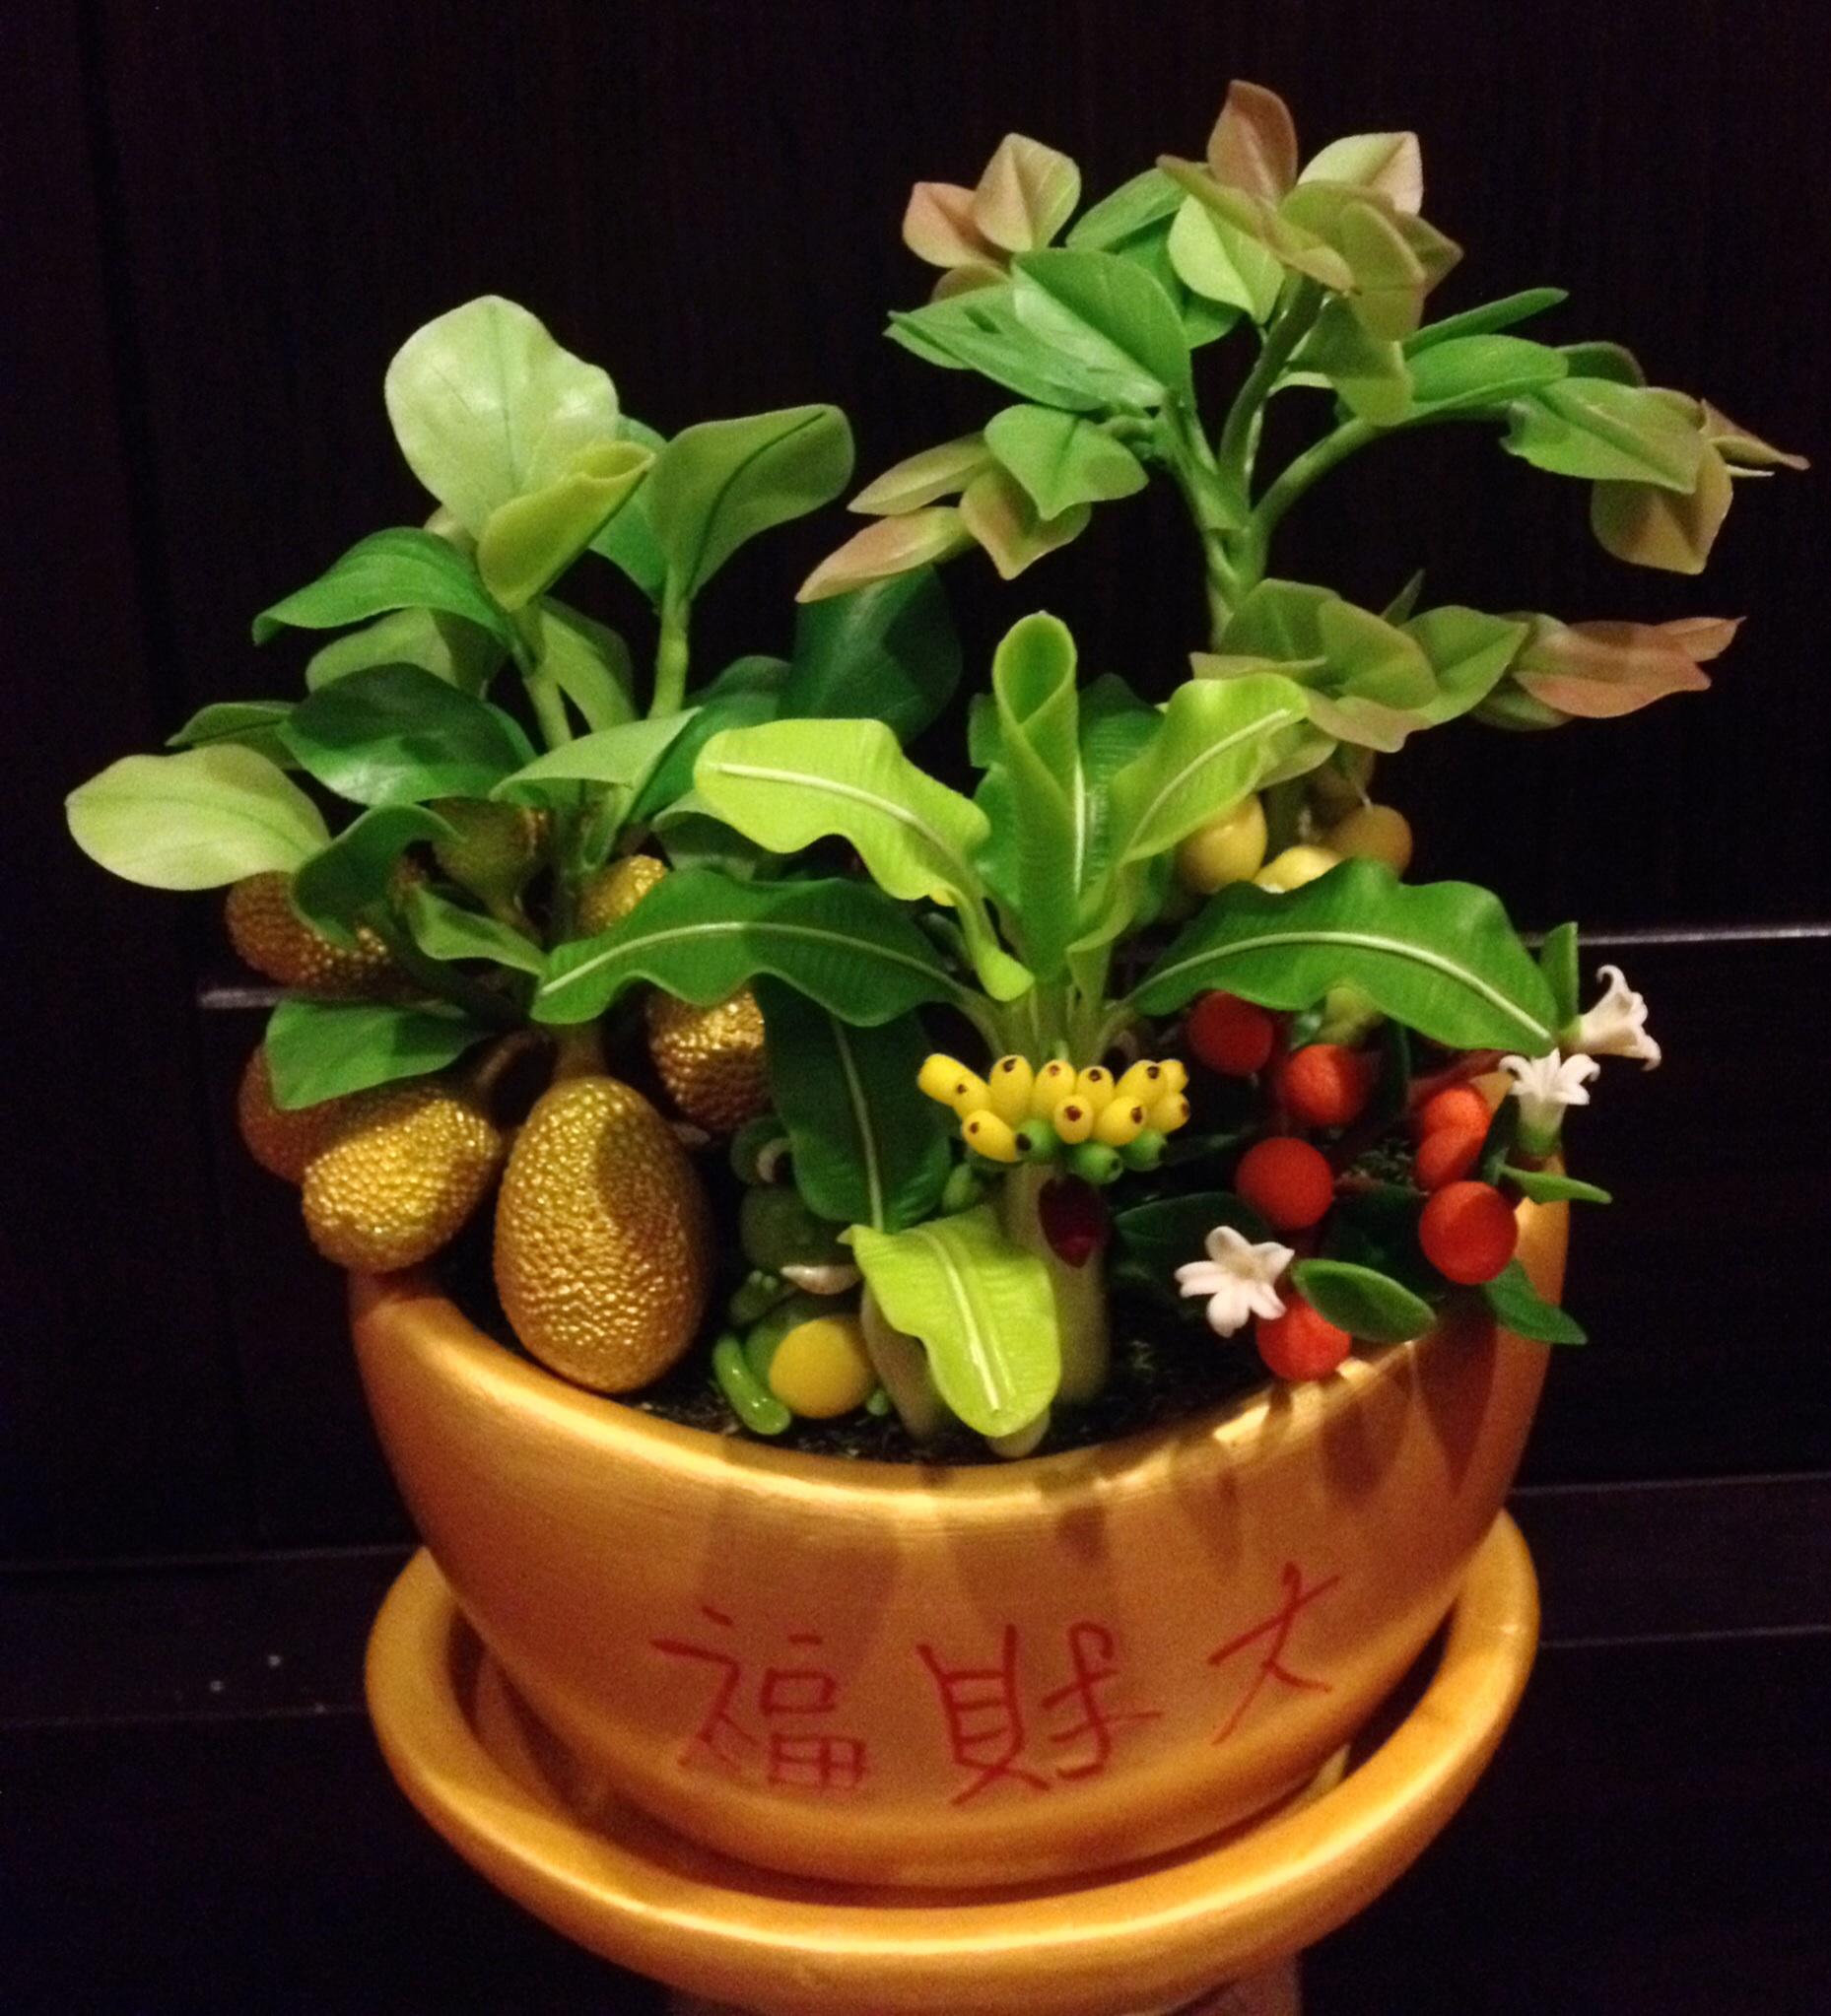 C001-สวนต้นไม้มงคล มะยม ส้ม กล้วย ขนุน_ไซร์ 3-6 นิ้ว